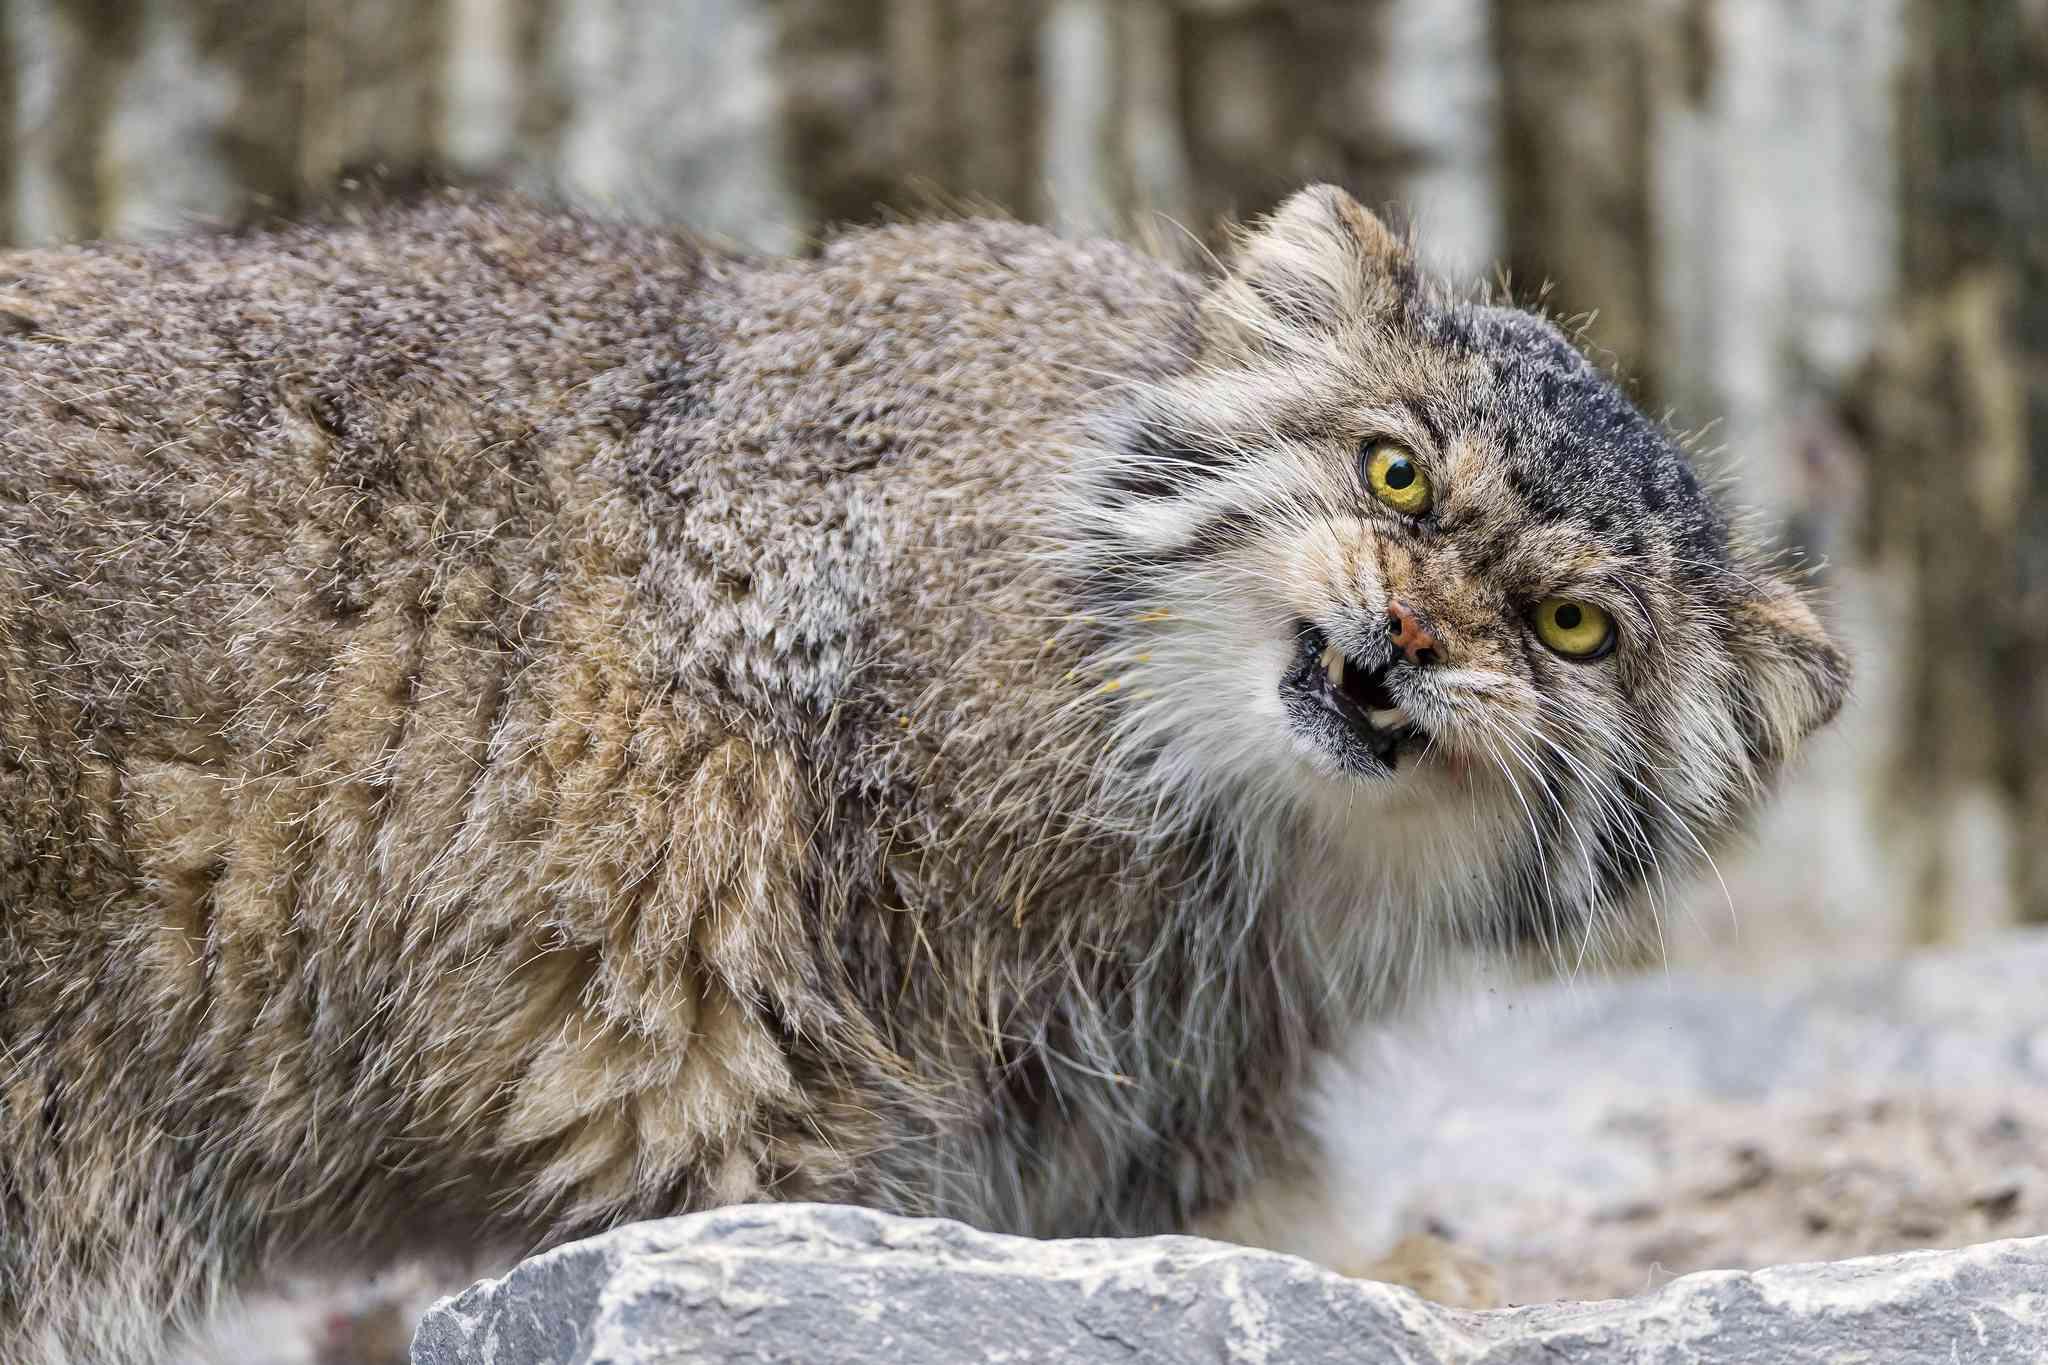 snarling Pallas' cat